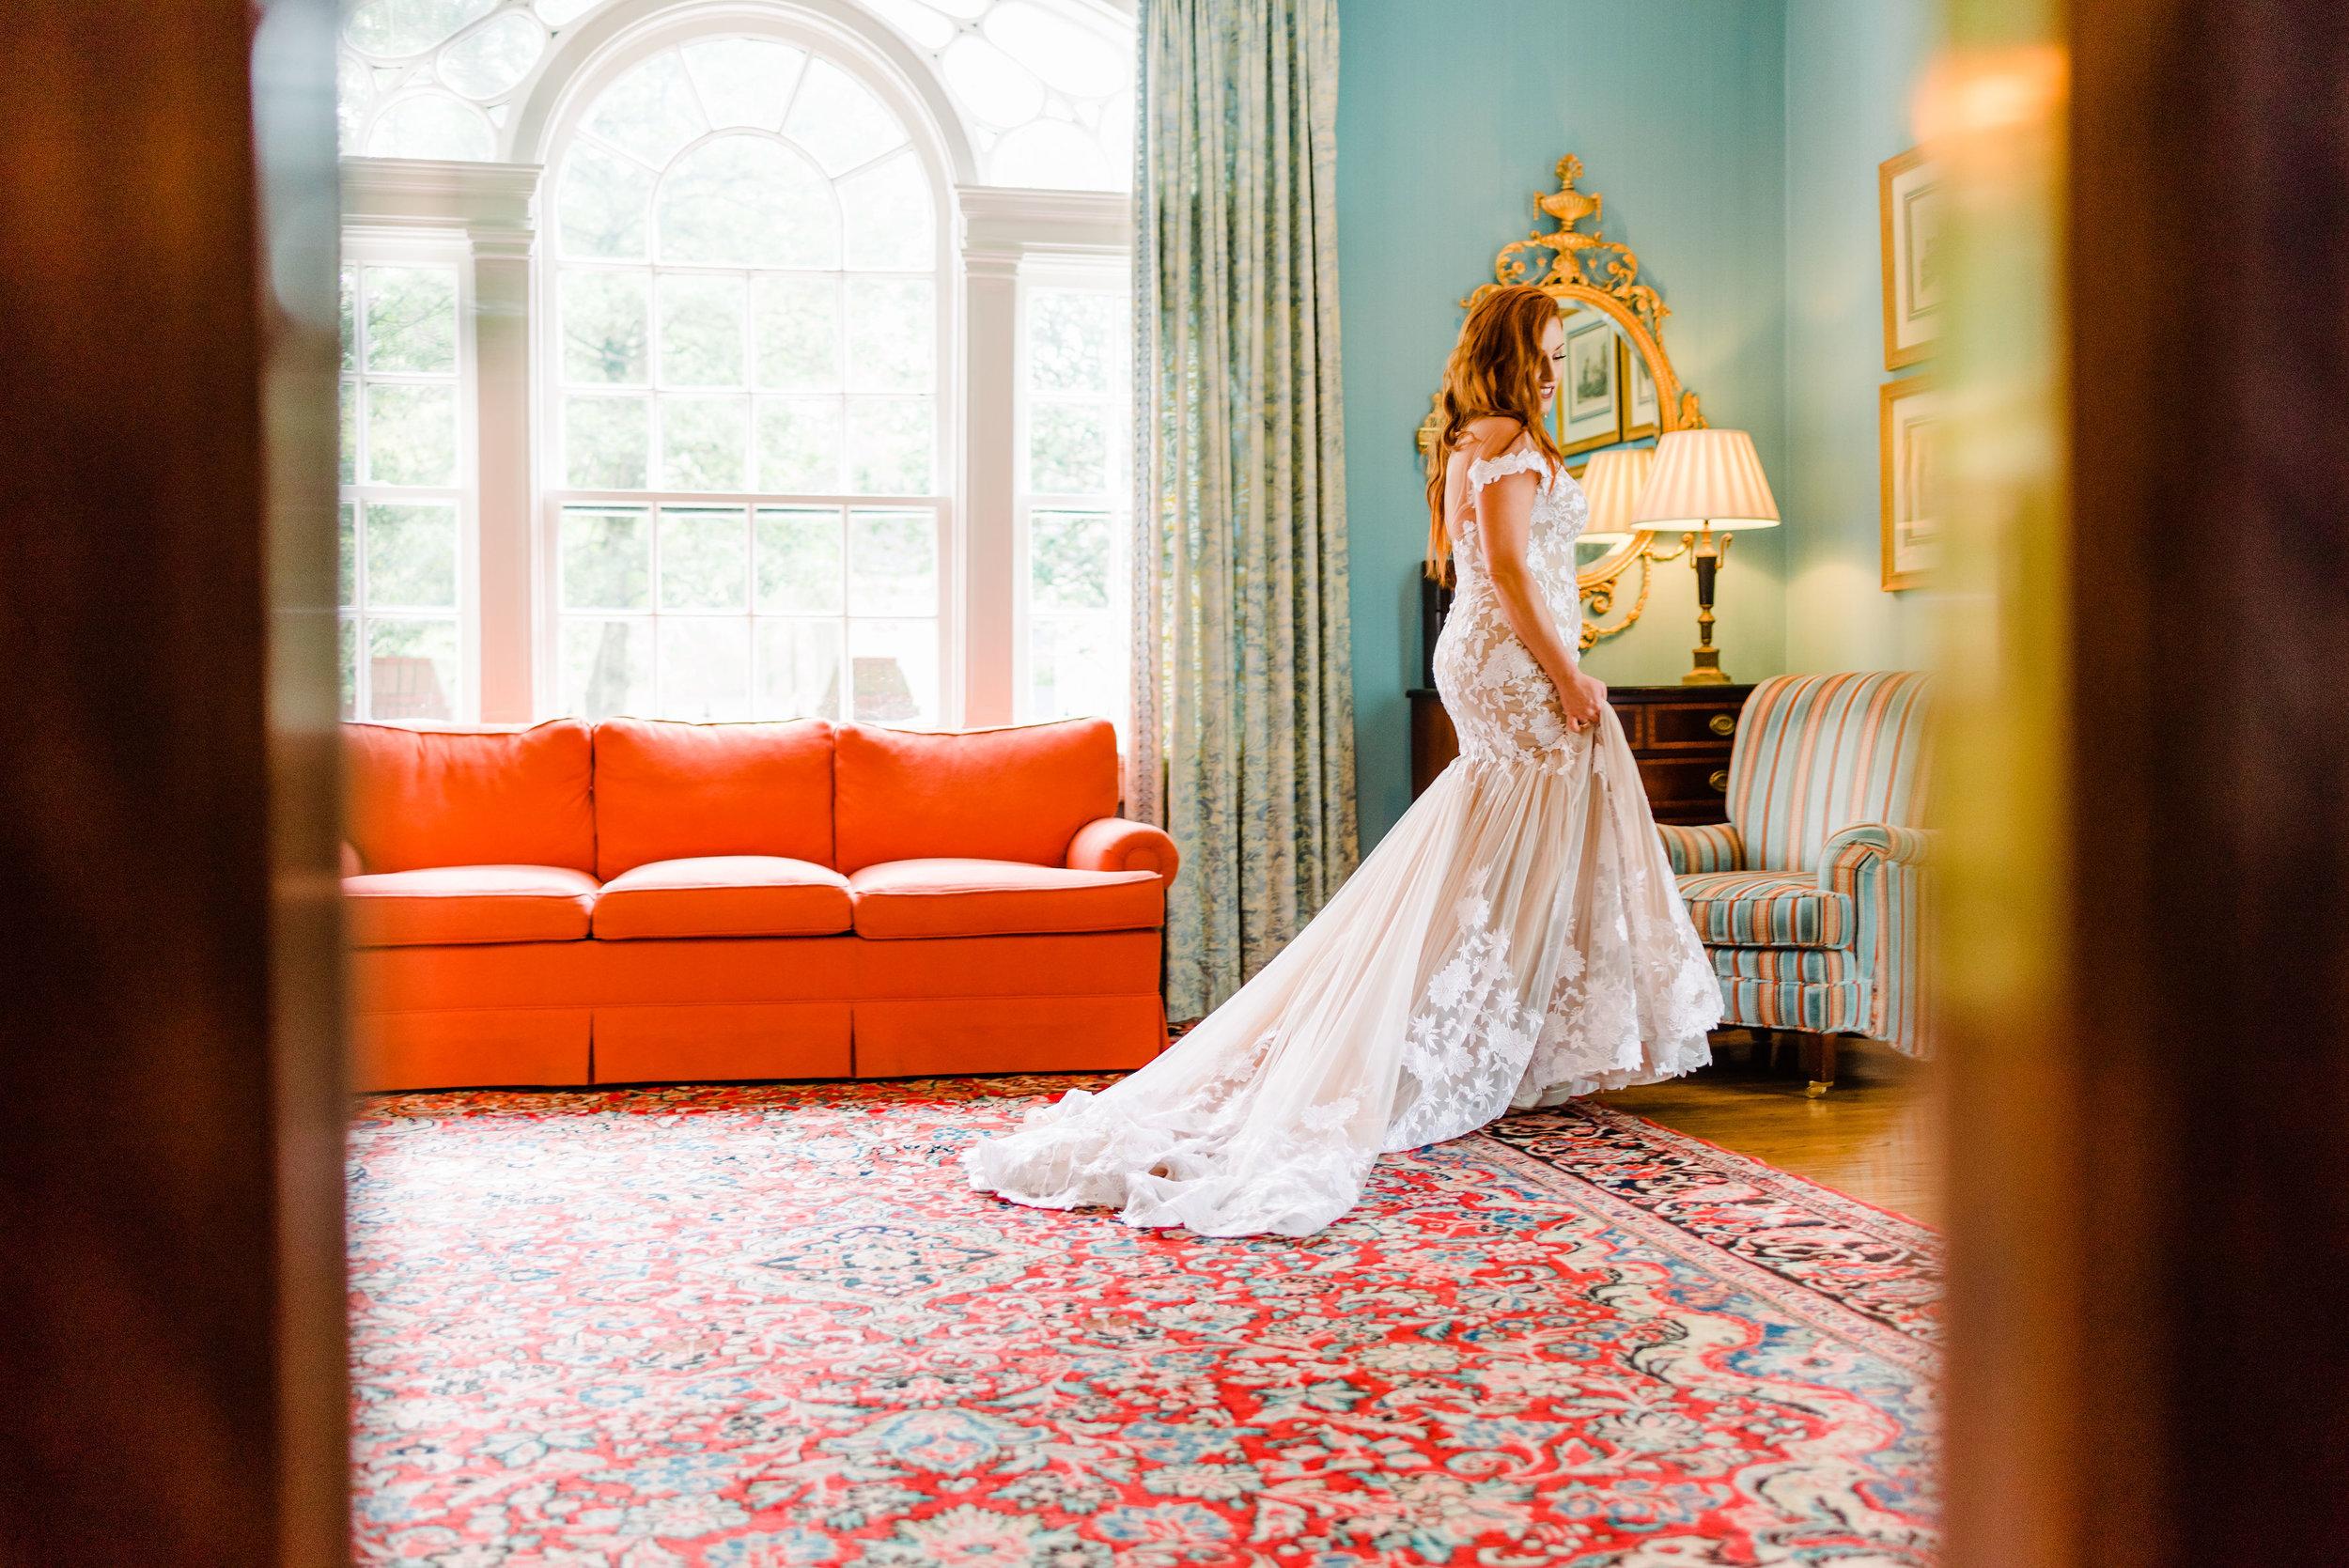 AshleyF_bridals-54.jpg